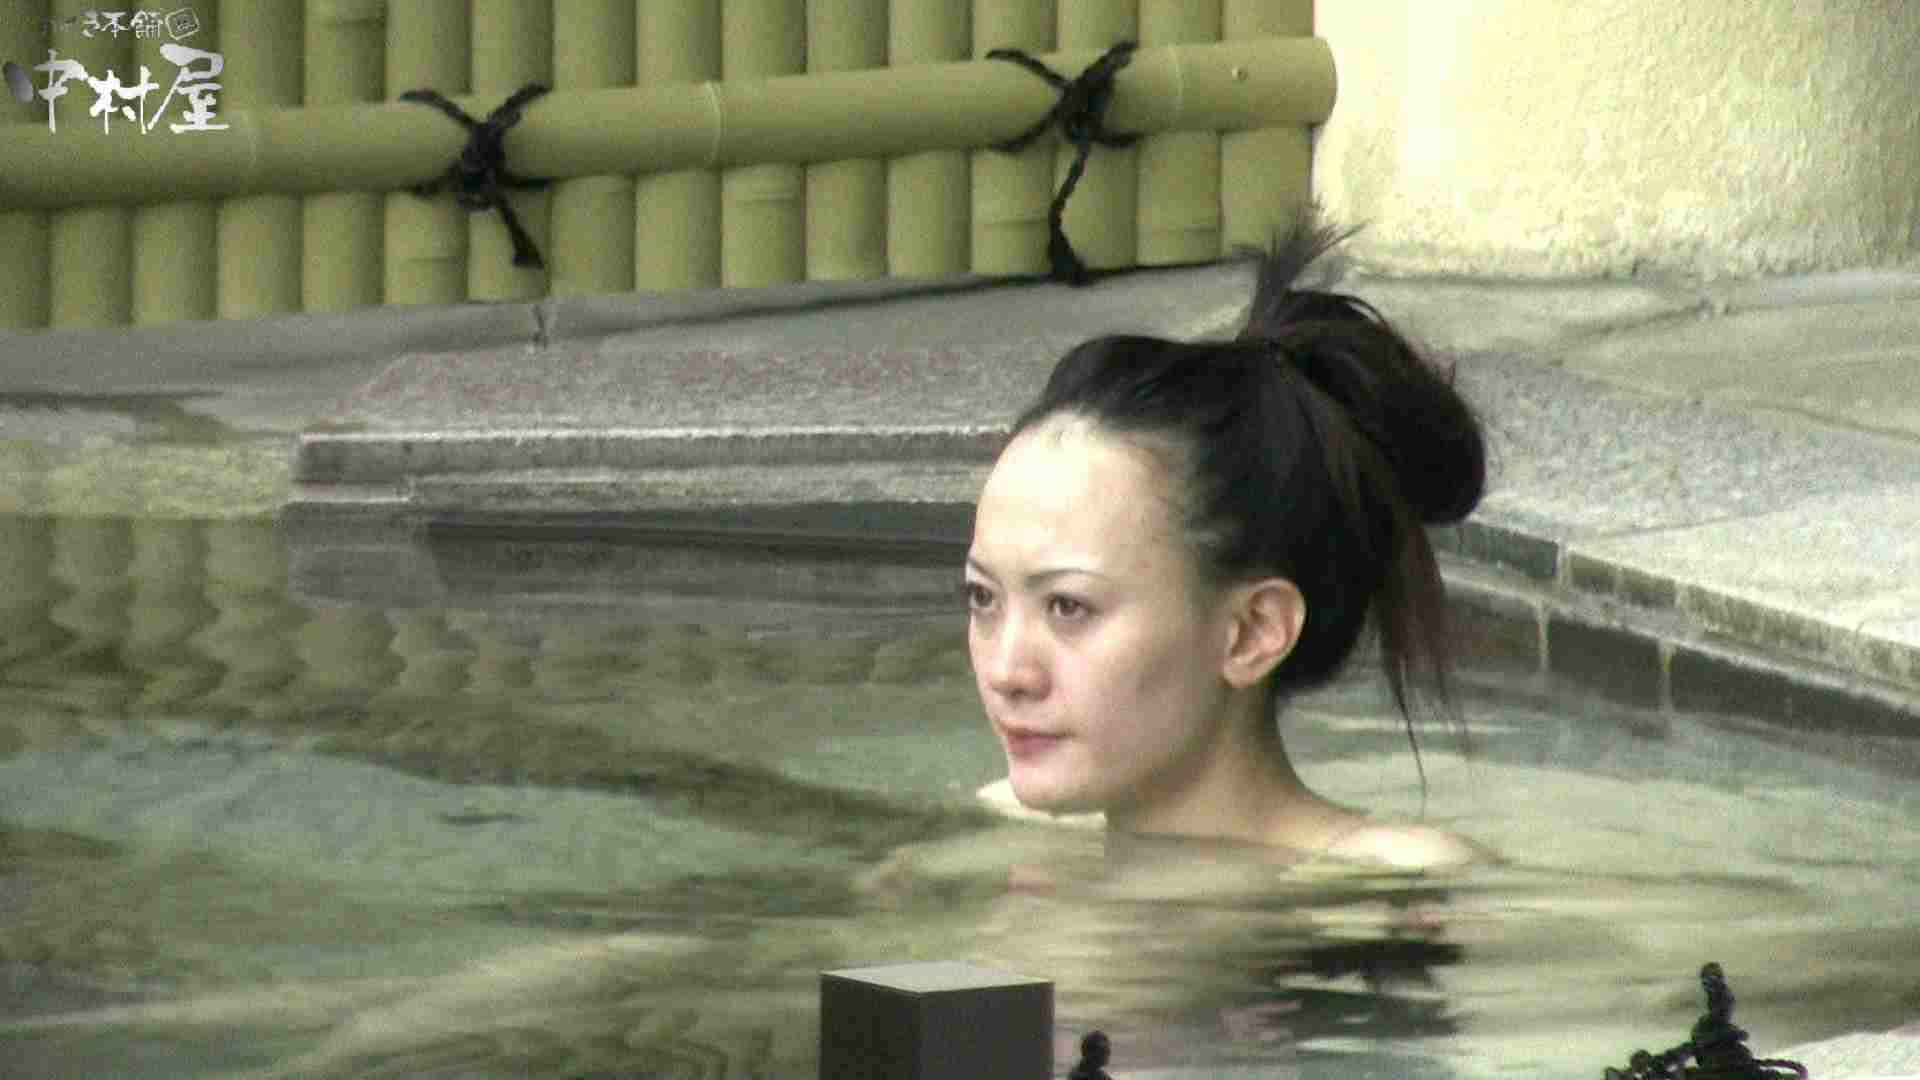 Aquaな露天風呂Vol.900 盗撮シリーズ  110PIX 32